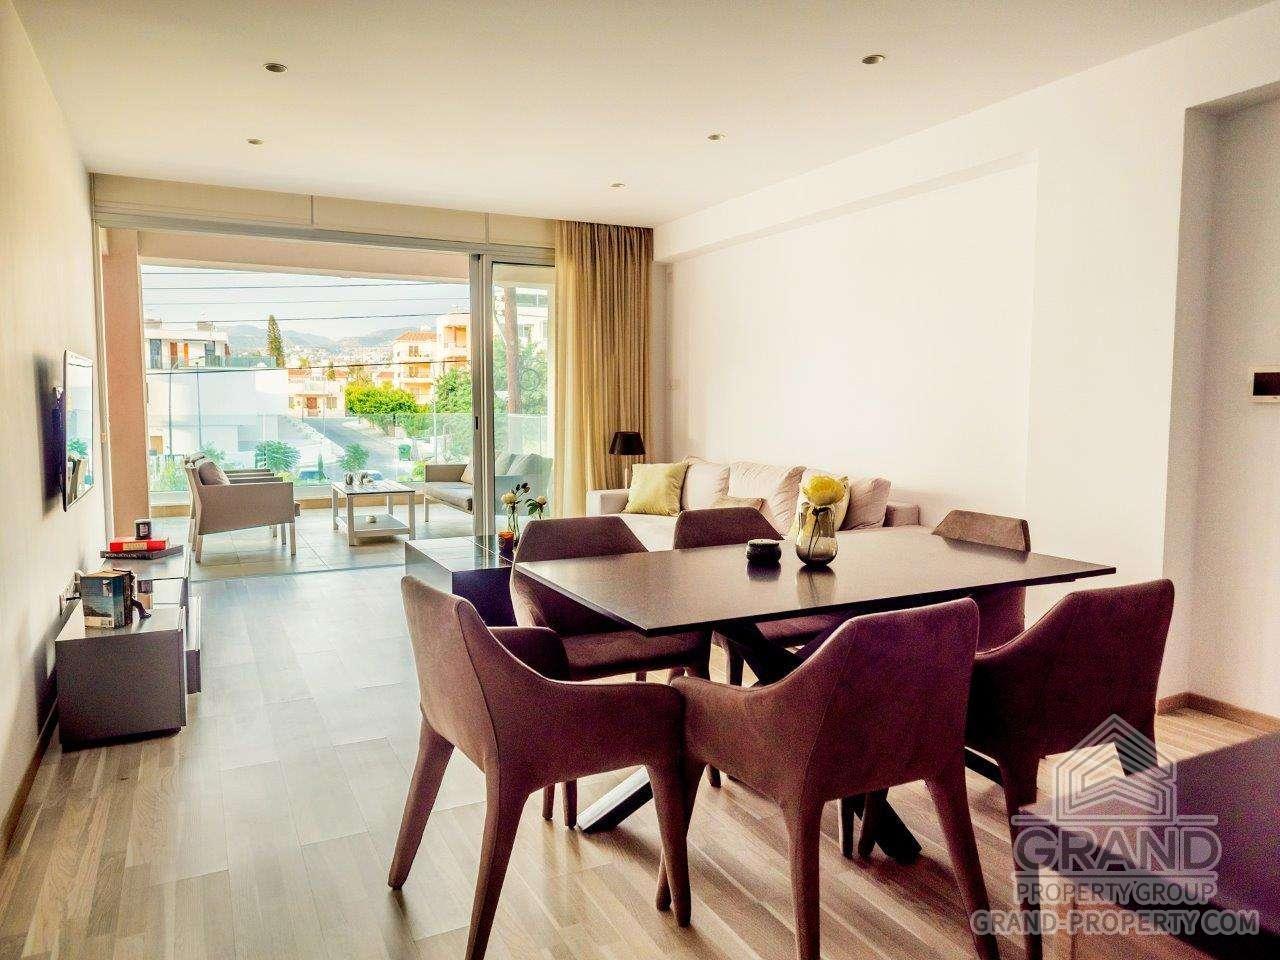 1057  Apartment 3 Bedrooms 2 Bathrooms 122 SqMt Limassol Mes.....